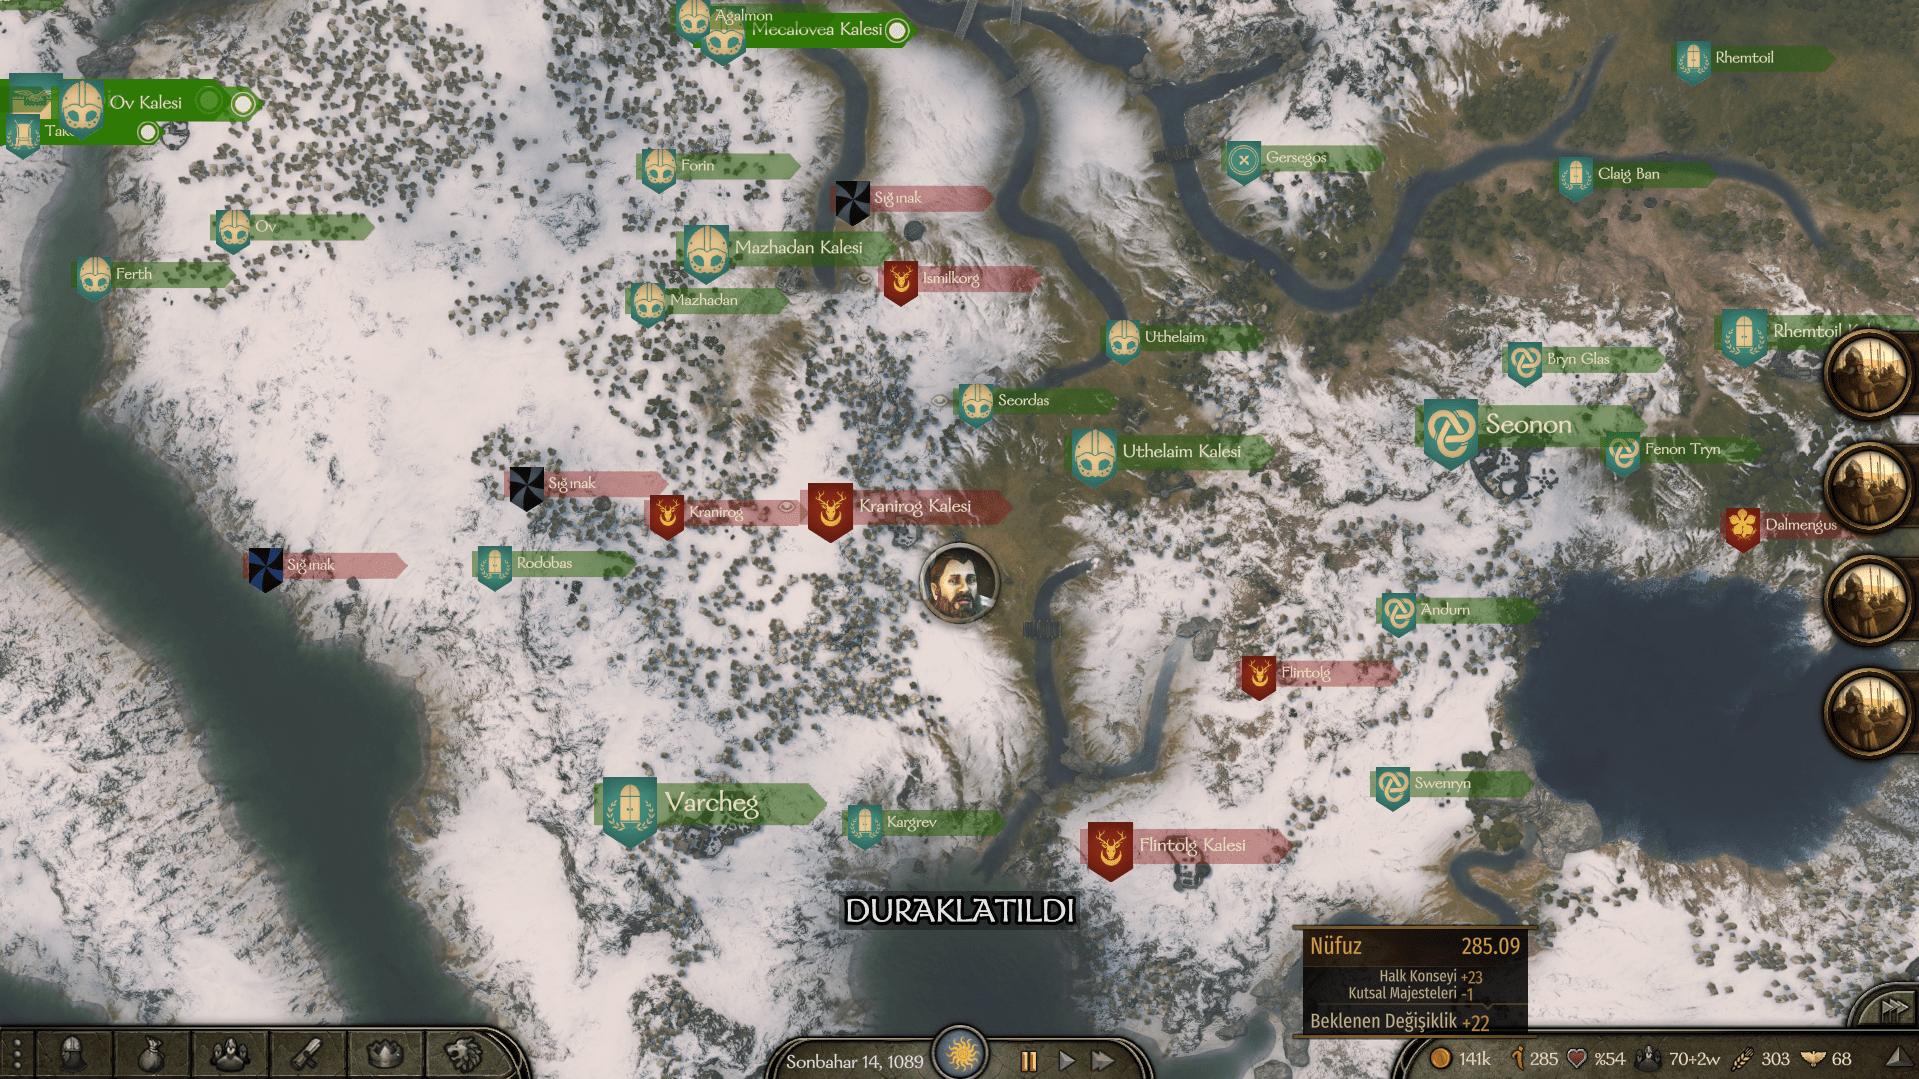 Bannerlord nüfuz arttırma